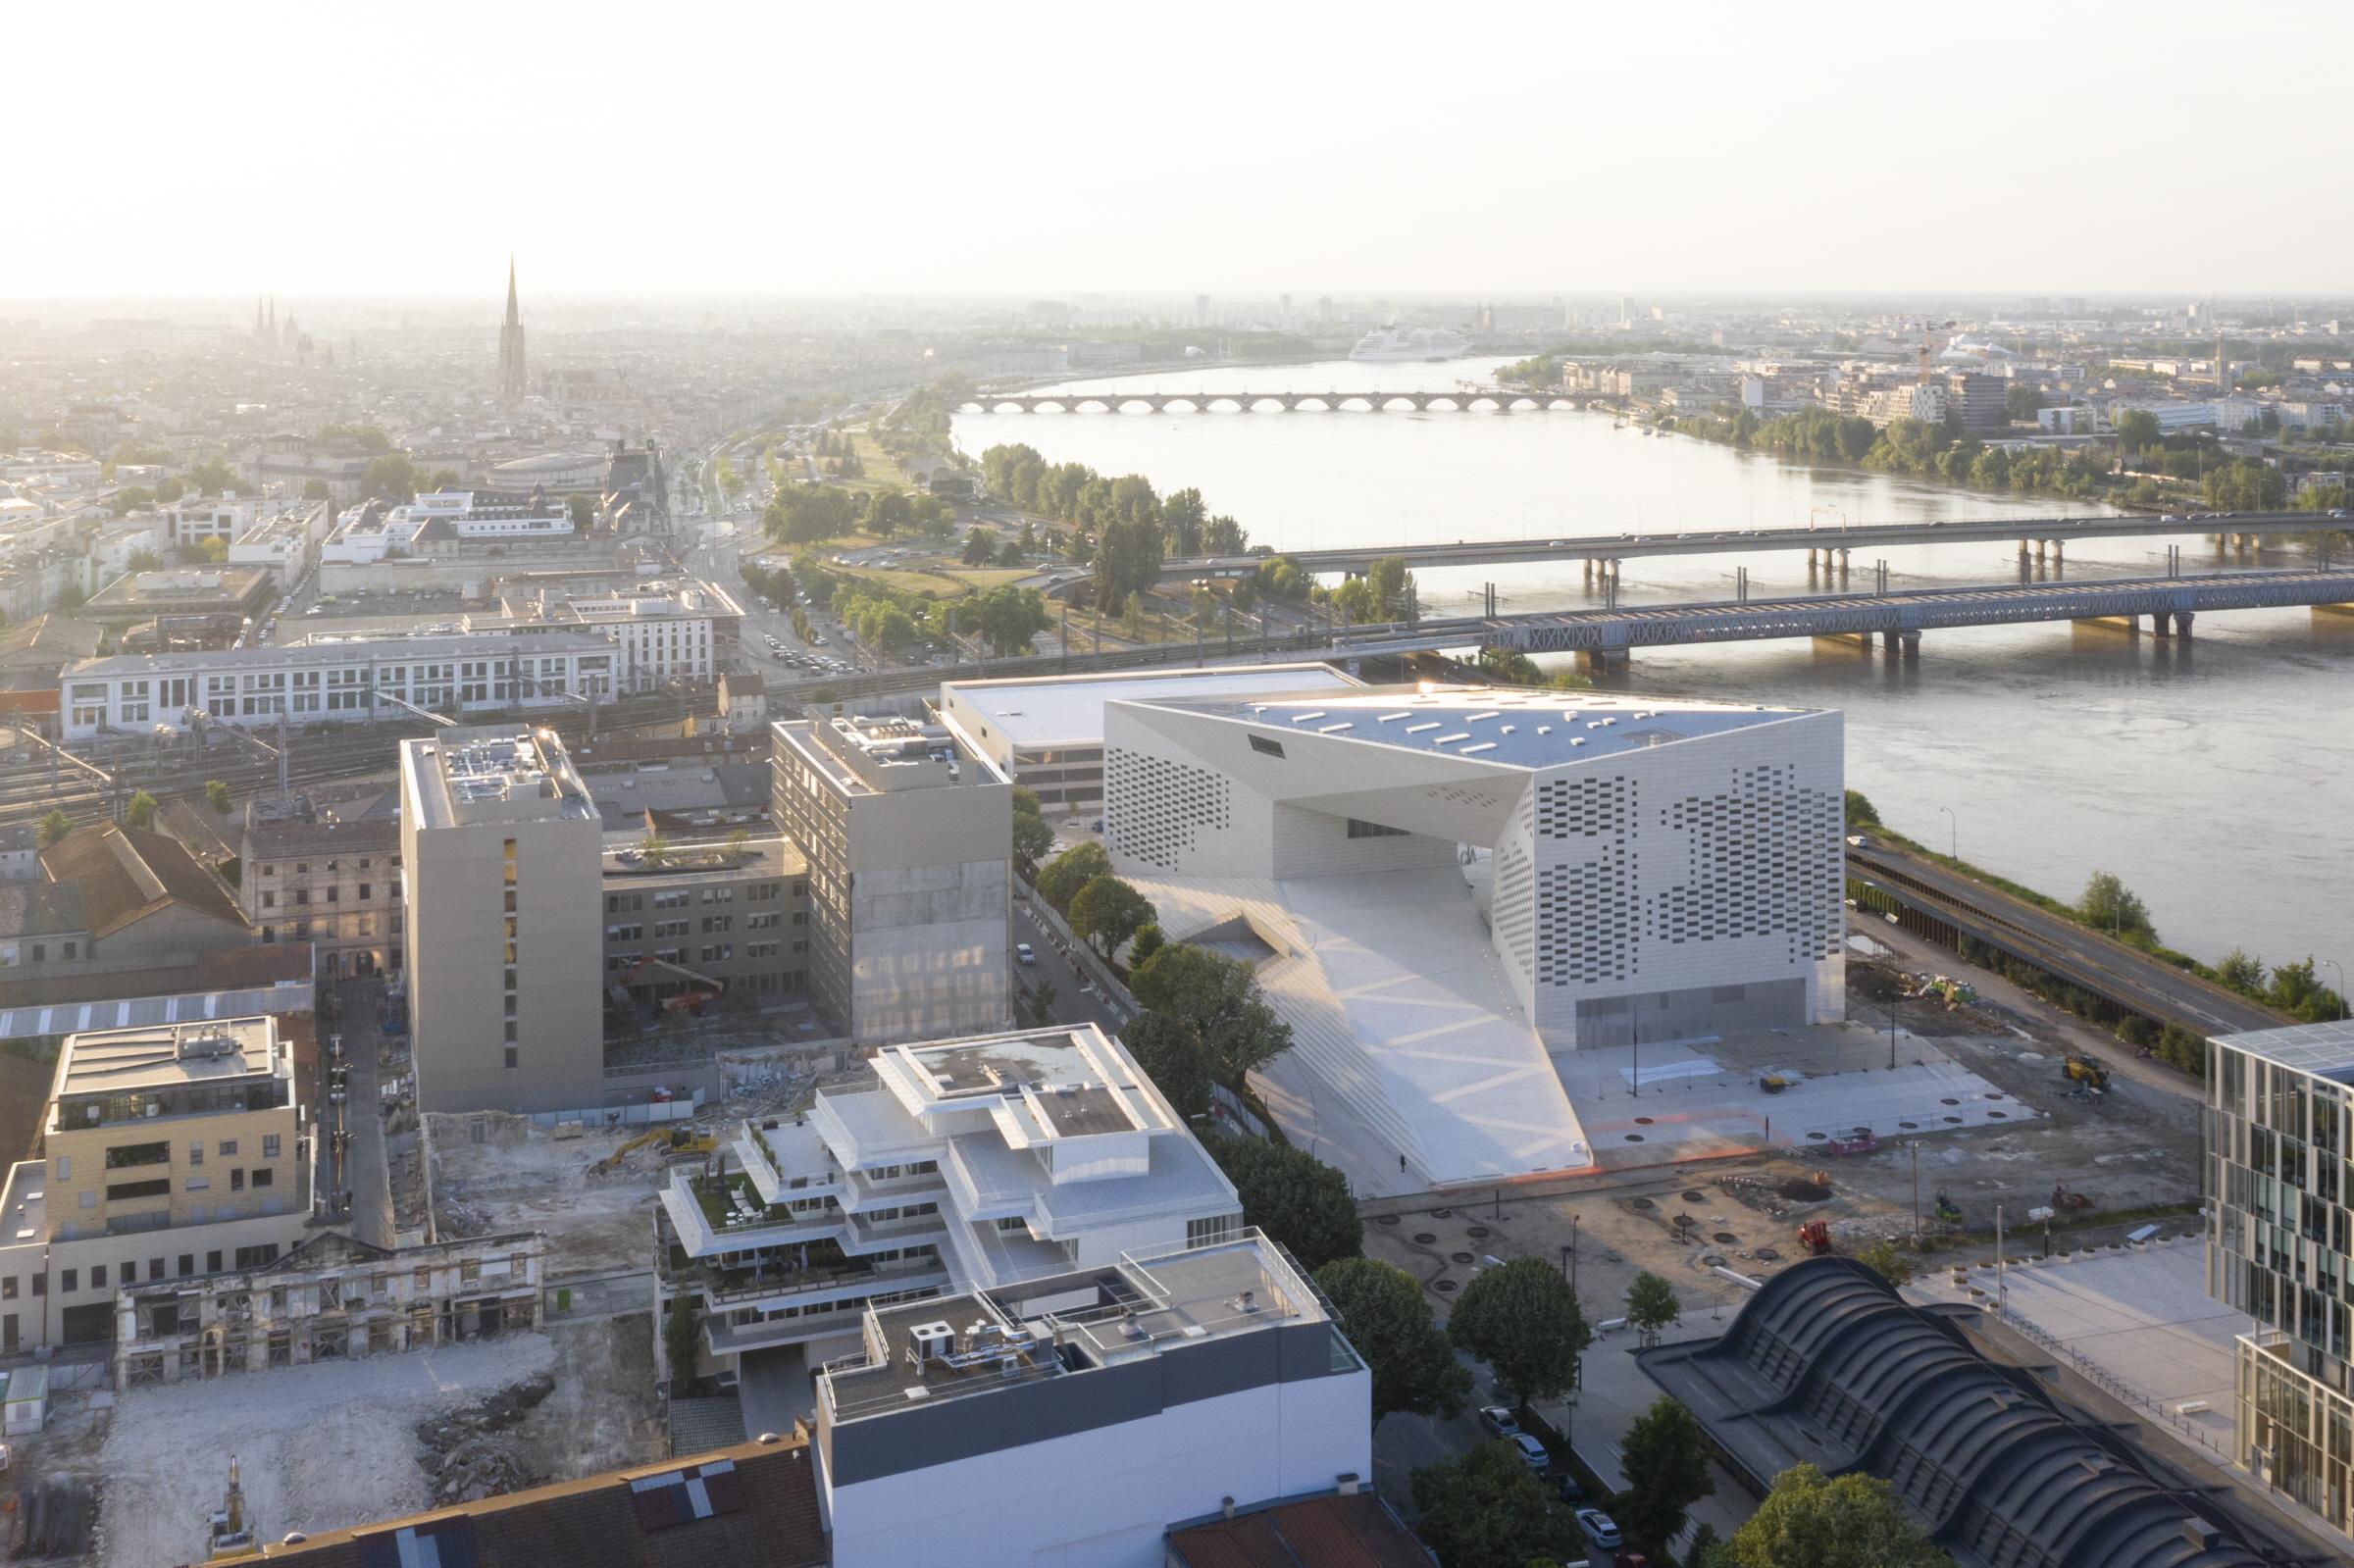 〔안정원의 건축 칼럼〕 어번룸으로 통합한 입체적인 도시 공간 복합문화센터, 메카 구조읽기1